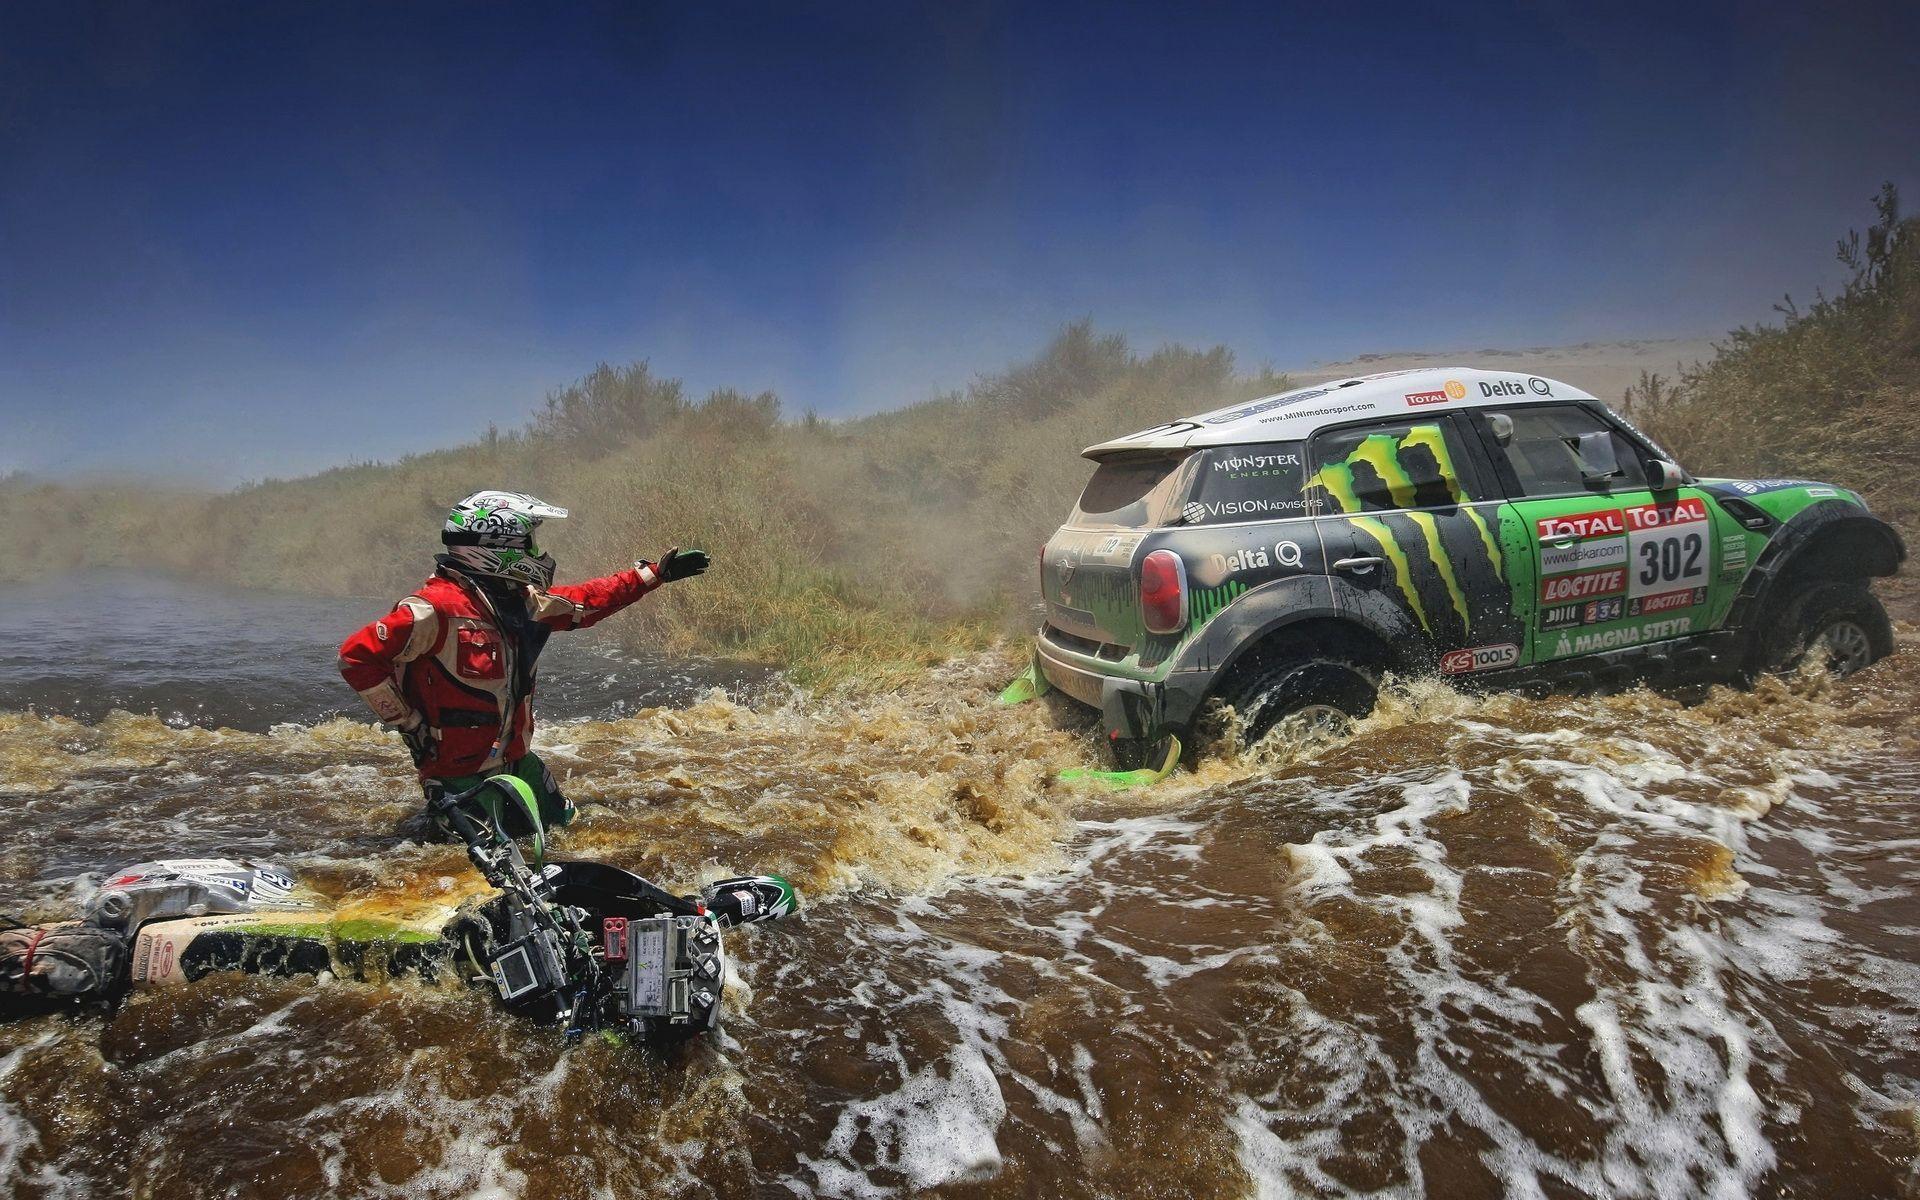 Dakar Rally Computer Wallpapers, Desktop Backgrounds | 1920x1200 ...